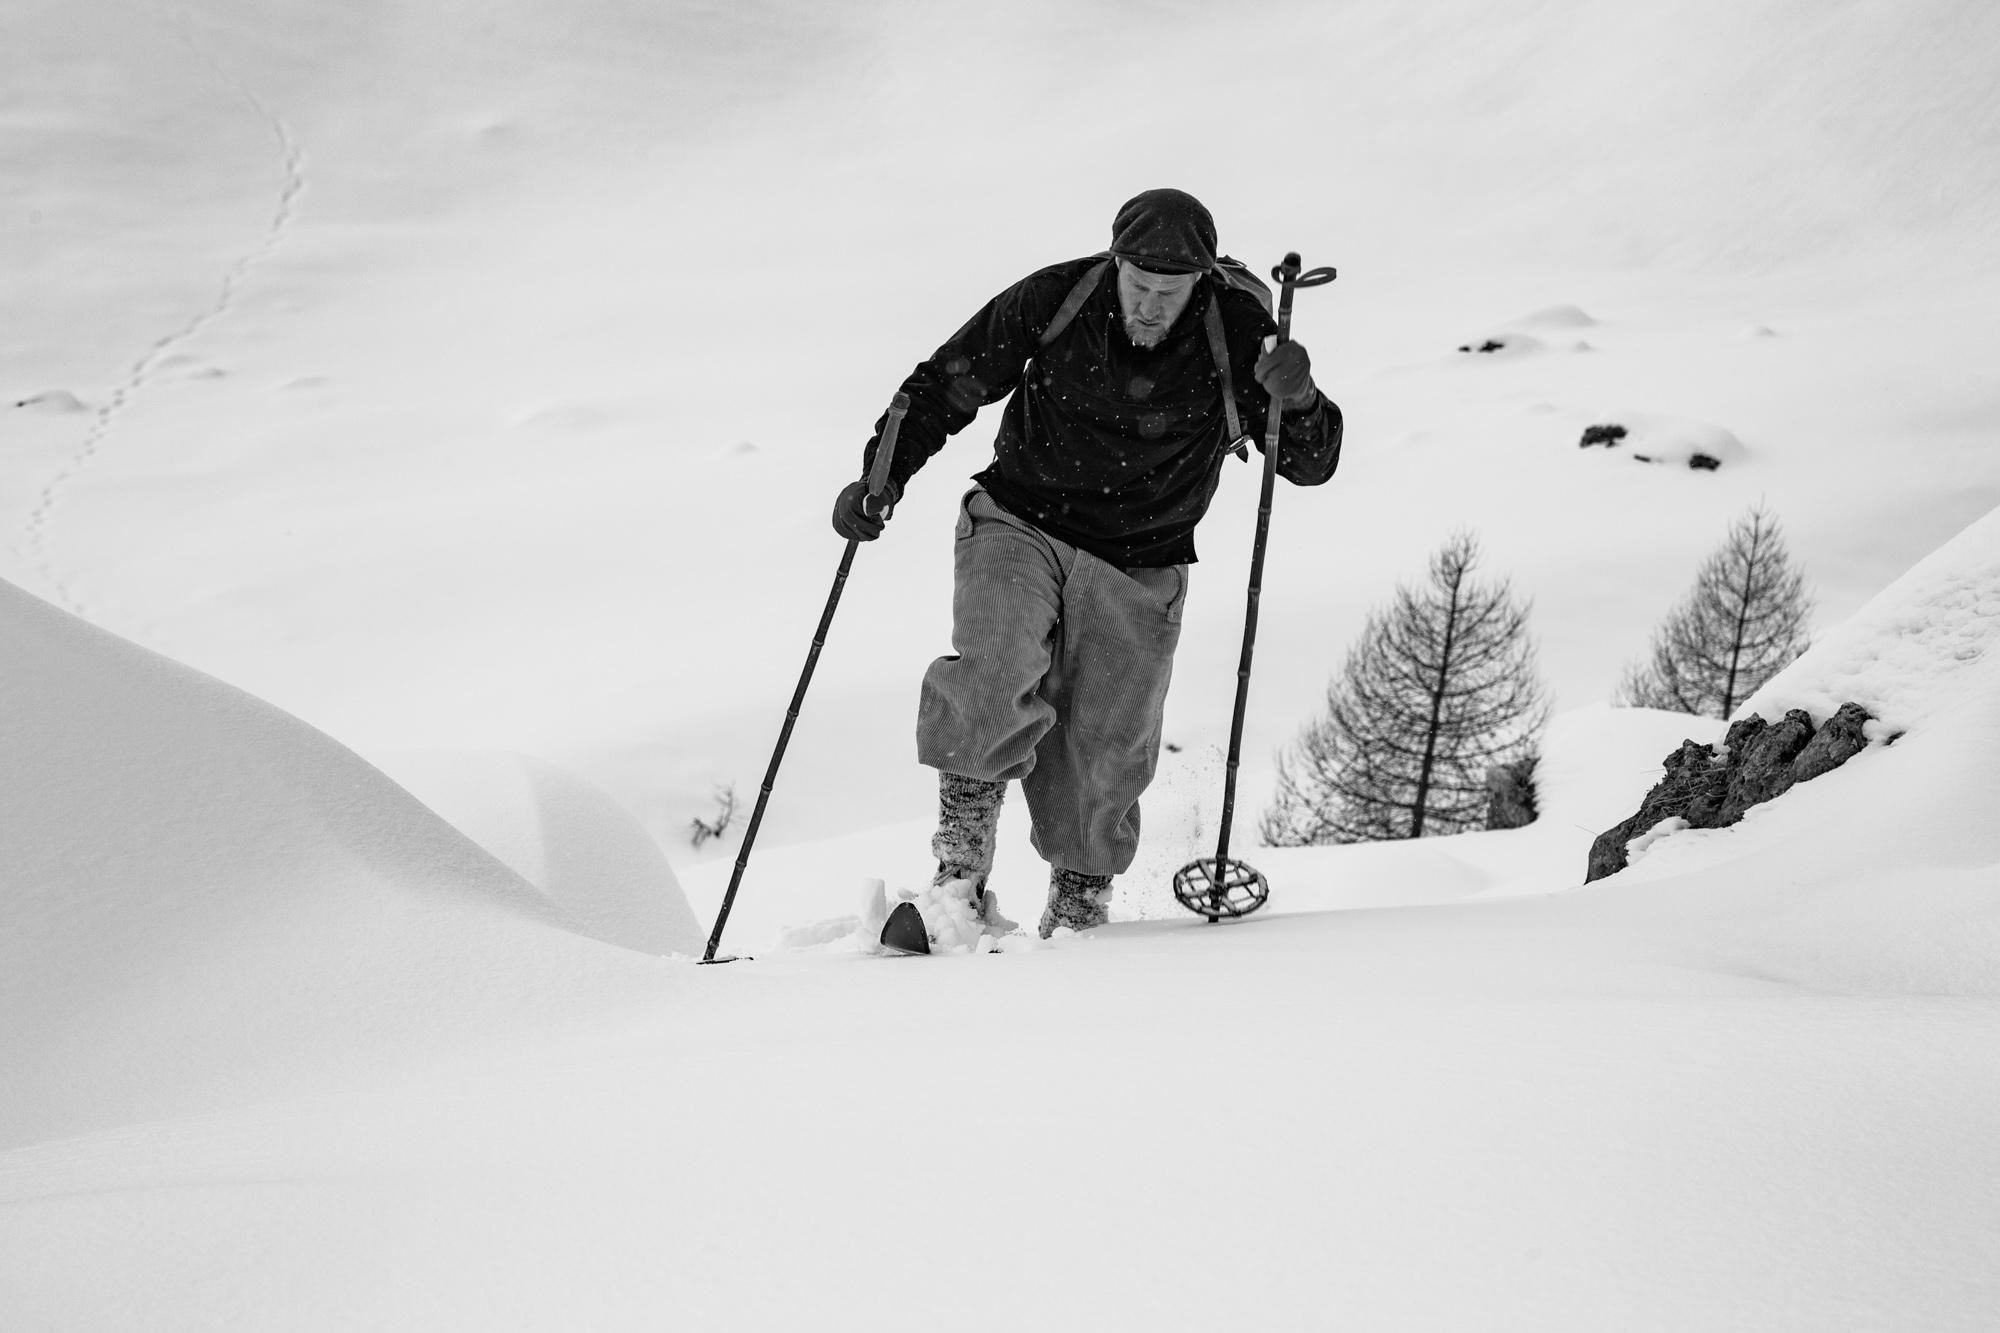 Zitat: Arnold Kaech, Lichtgestalt aus der Pionierzeit des alpinen Skisportes und Mitglied des Schweizerischen Akademischen Ski Club (SAS). // (Aus: Kaech Arnold, Die nächsten 25 Jahre, in: Der Schneehase Nr. 20, 1948–1950, zitiert nach Max D. Amstutz, Die Anfänge des alpinen Skirennsports, AS Verlag & Buchkonzept AG, Zürich 2010, S. 94) © Foto: Franz Walter